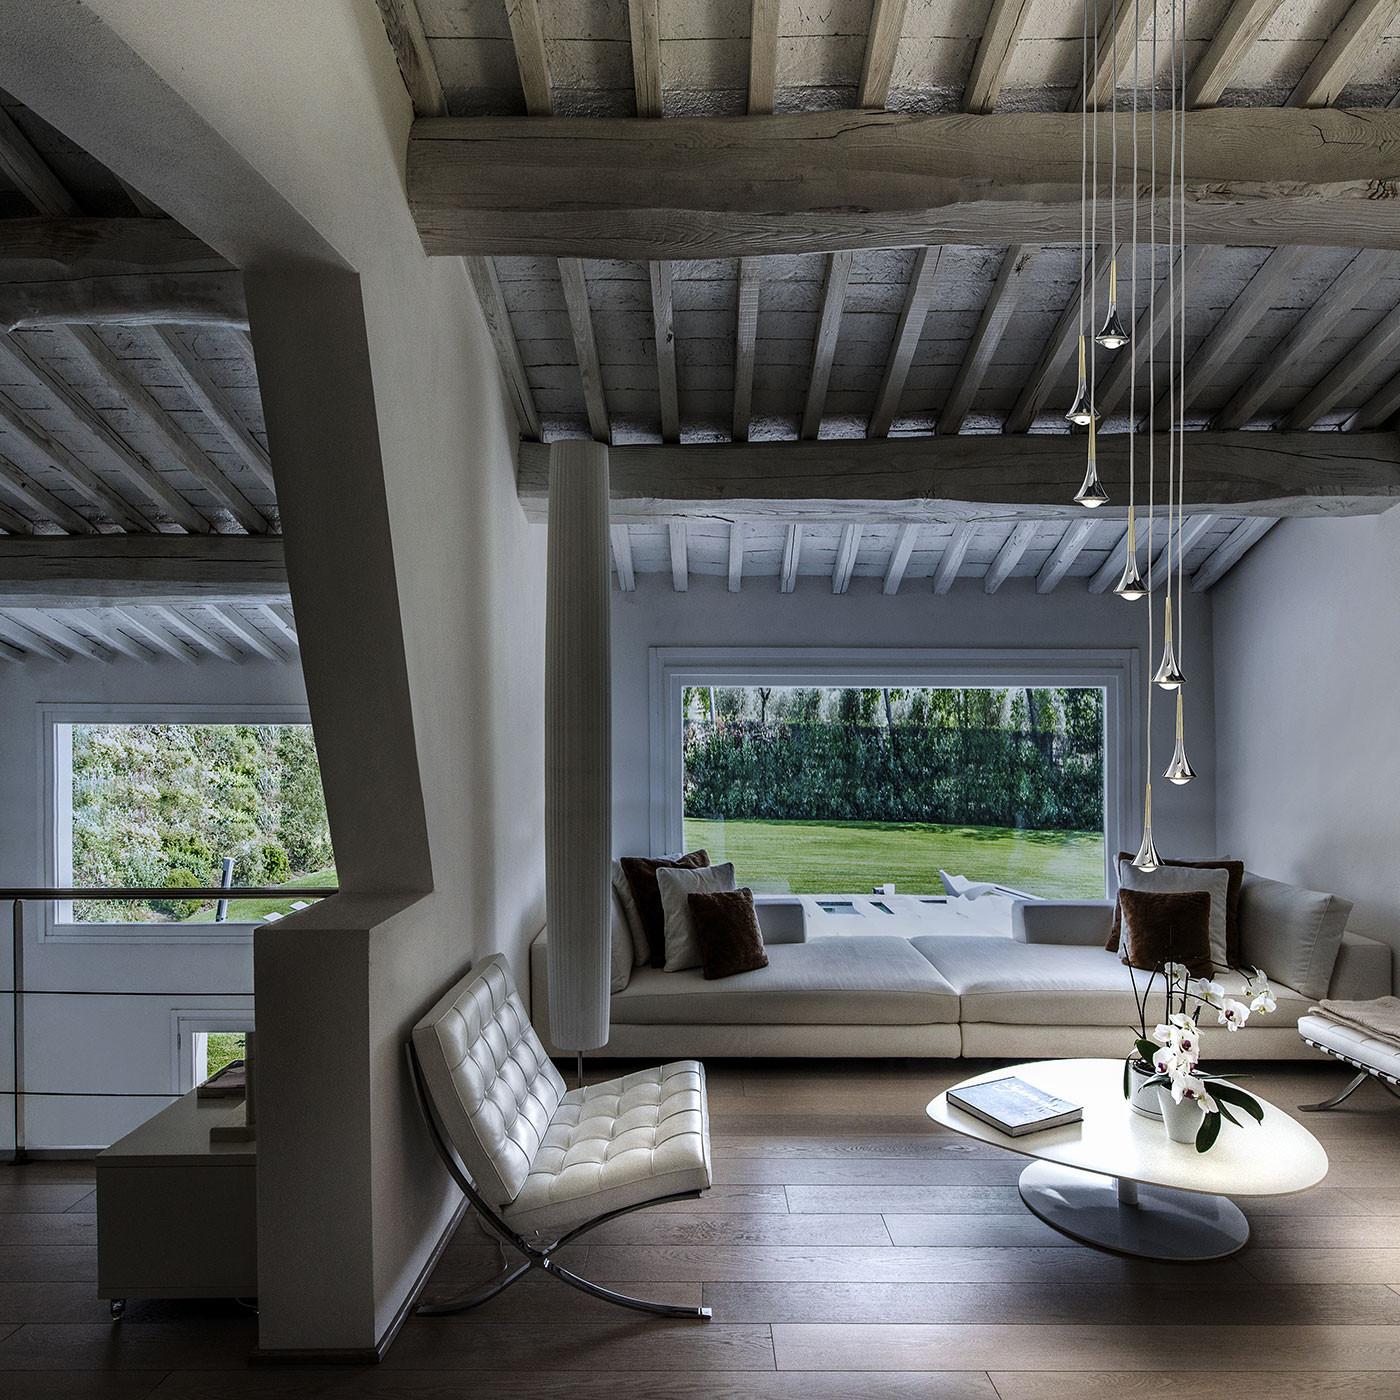 Studio Italia Design Rain suspension avec 7 lampes disposées en cercle